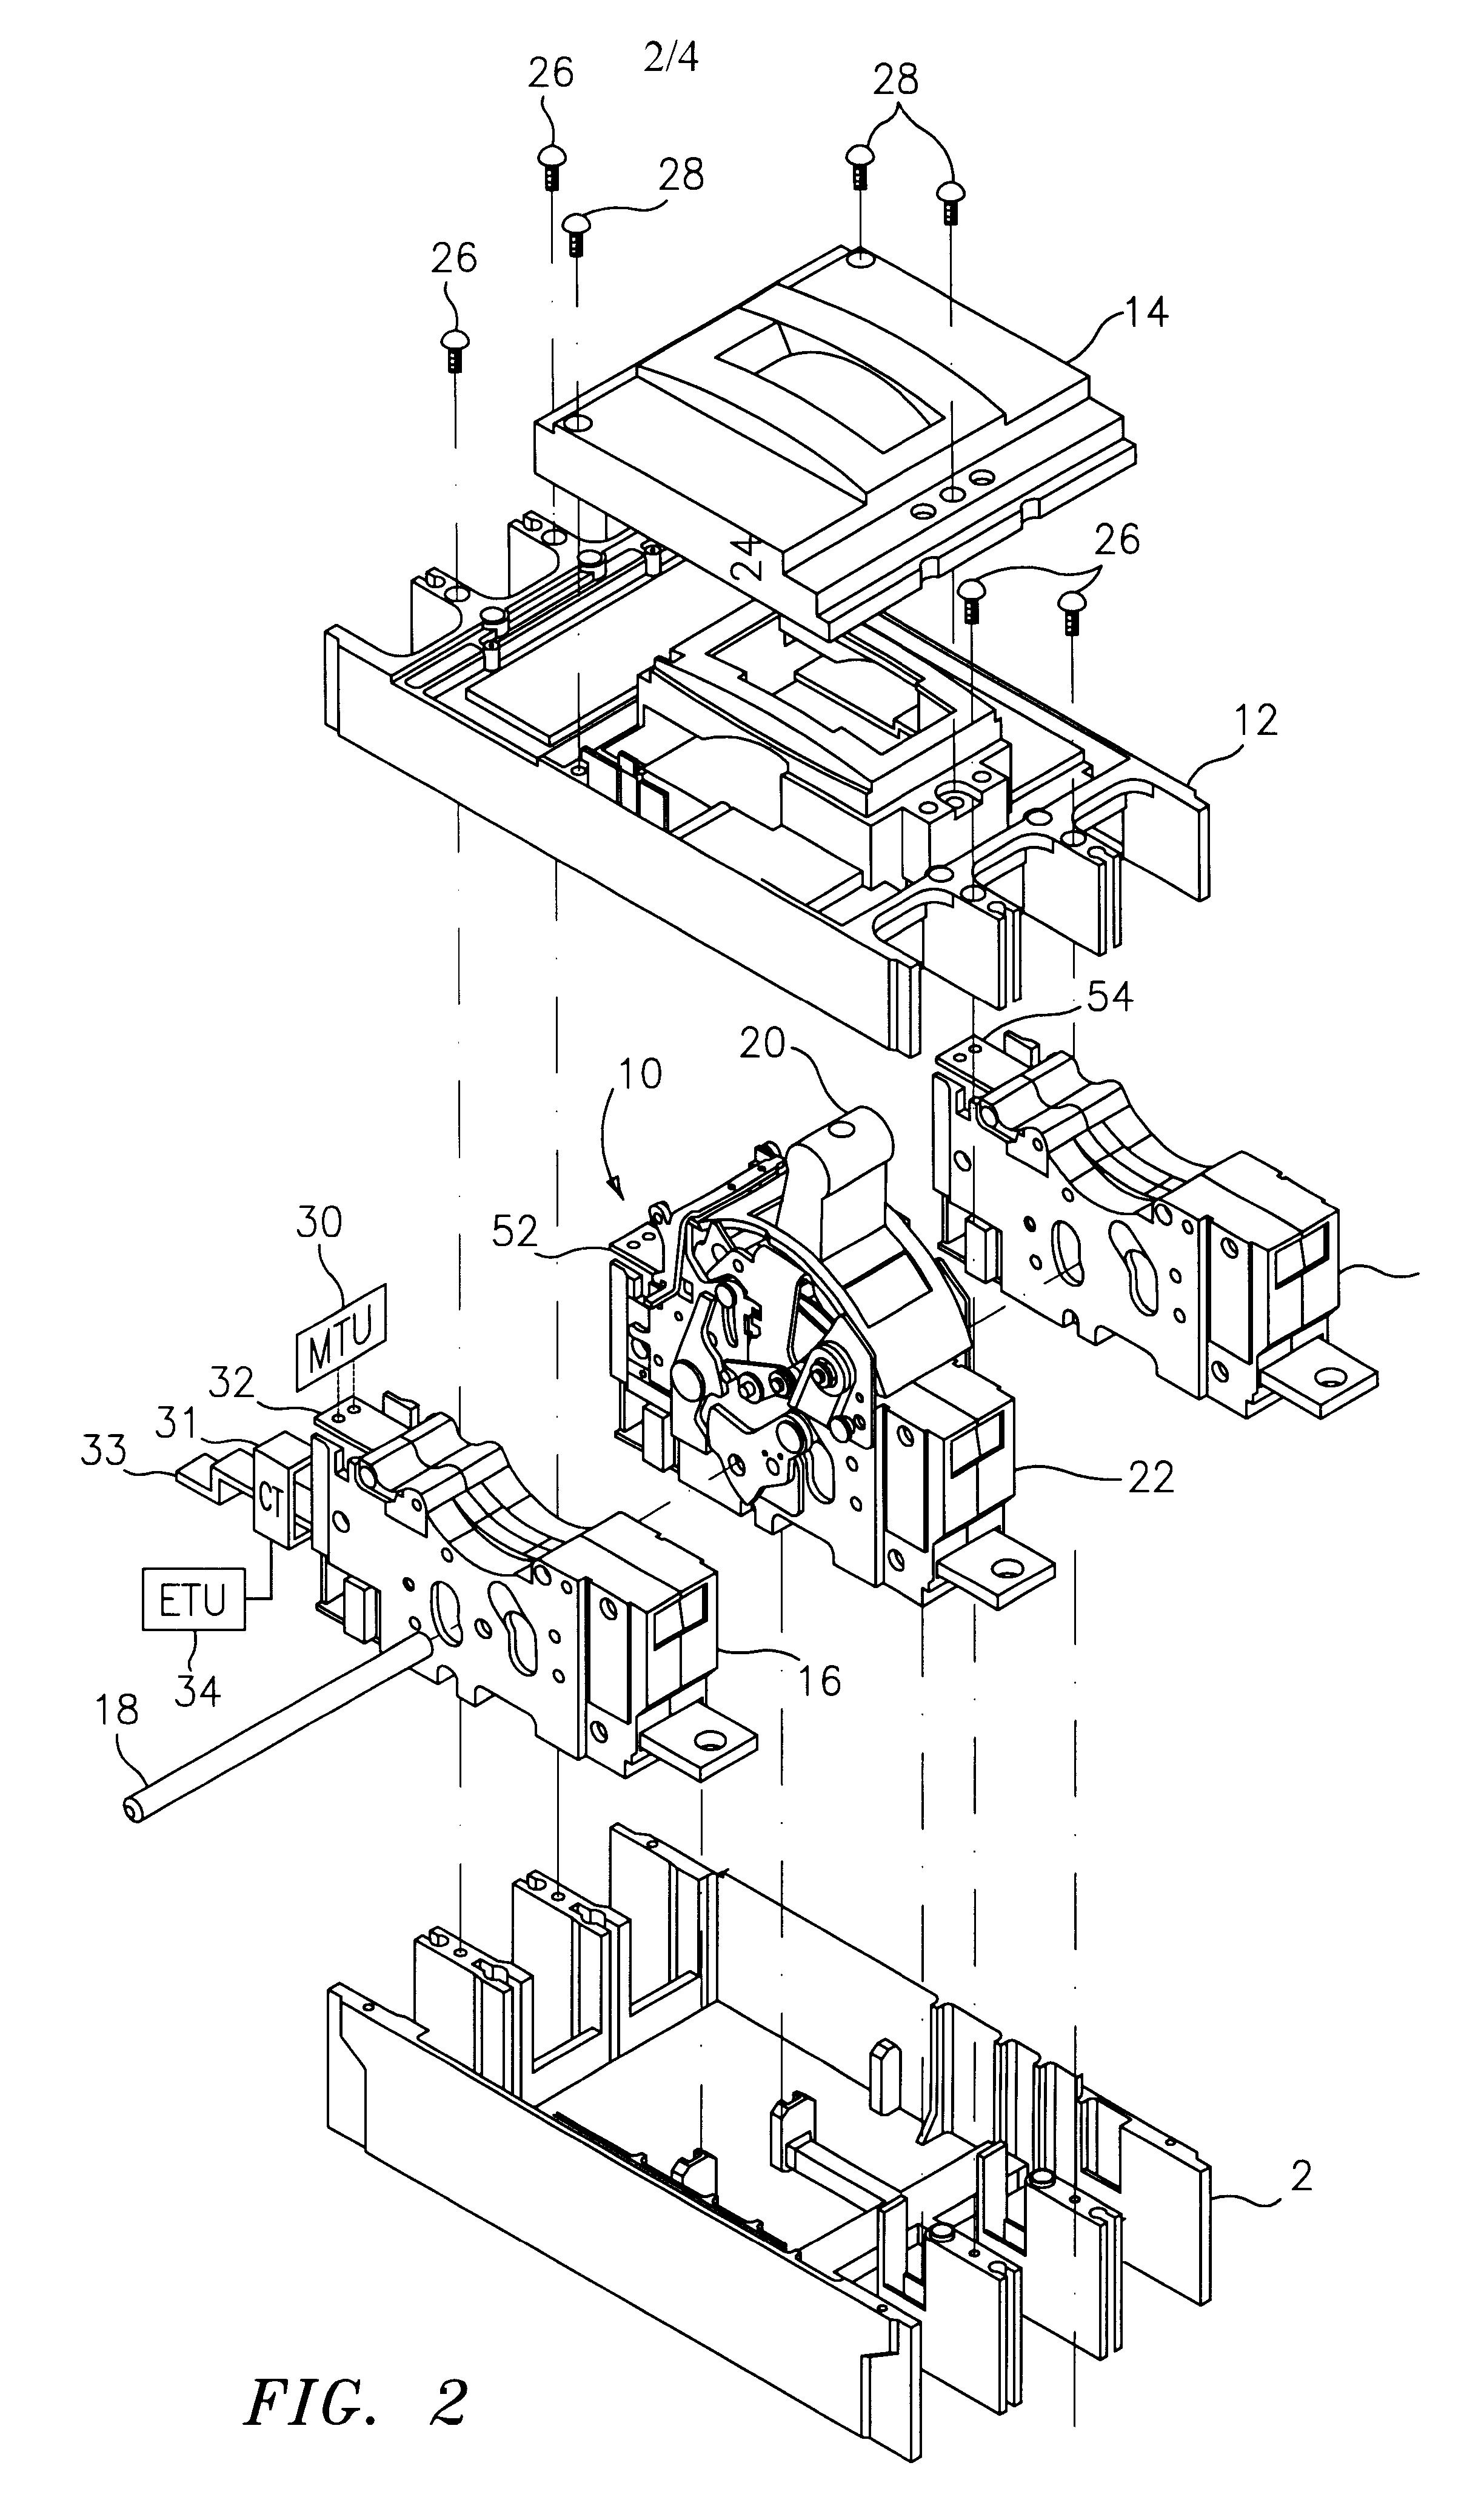 patent us6204743